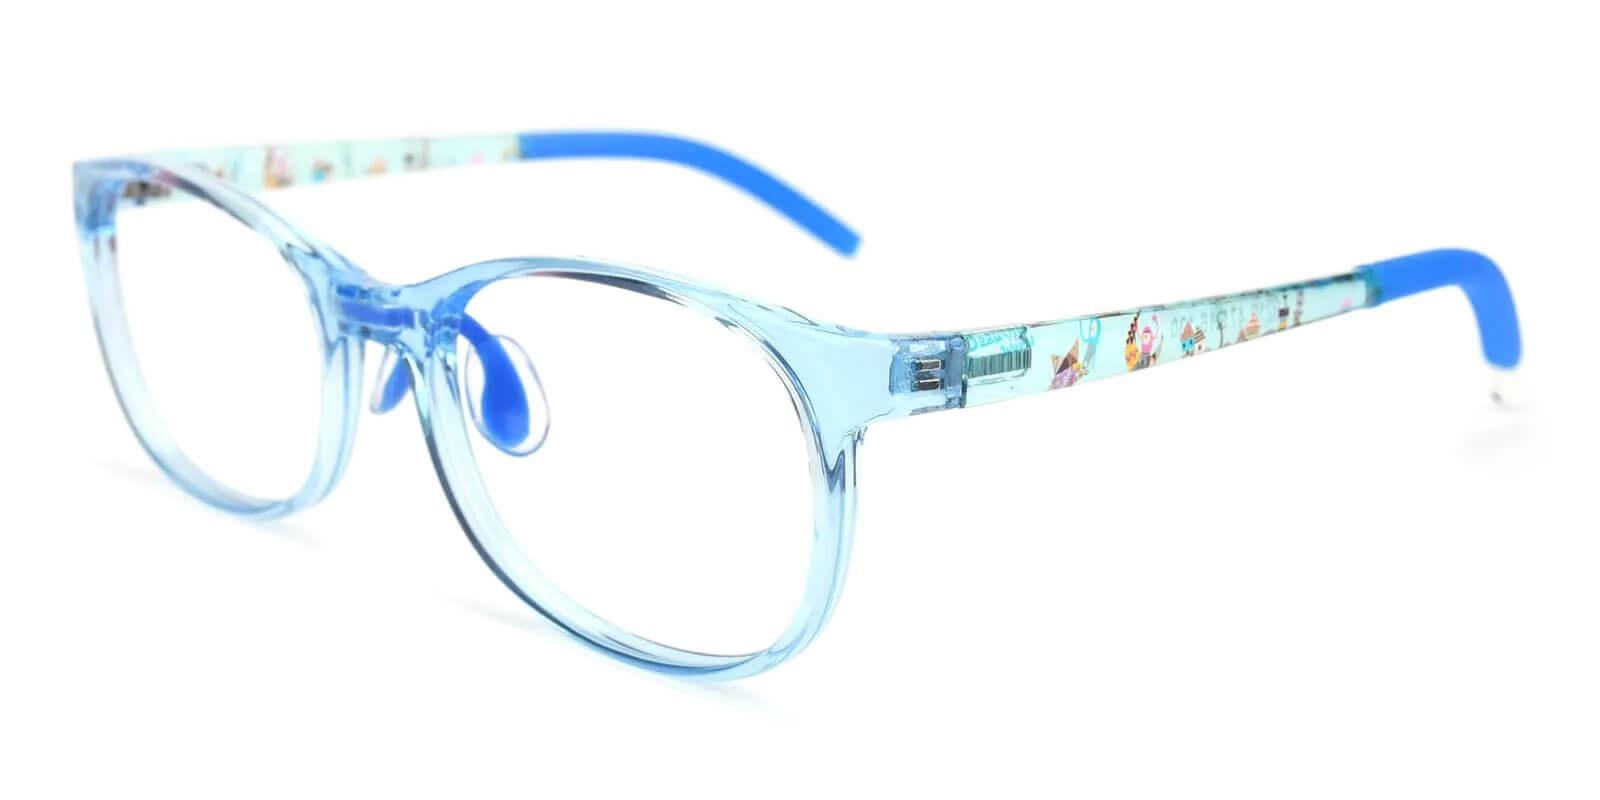 Kids-Via Blue Acetate Eyeglasses , UniversalBridgeFit Frames from ABBE Glasses